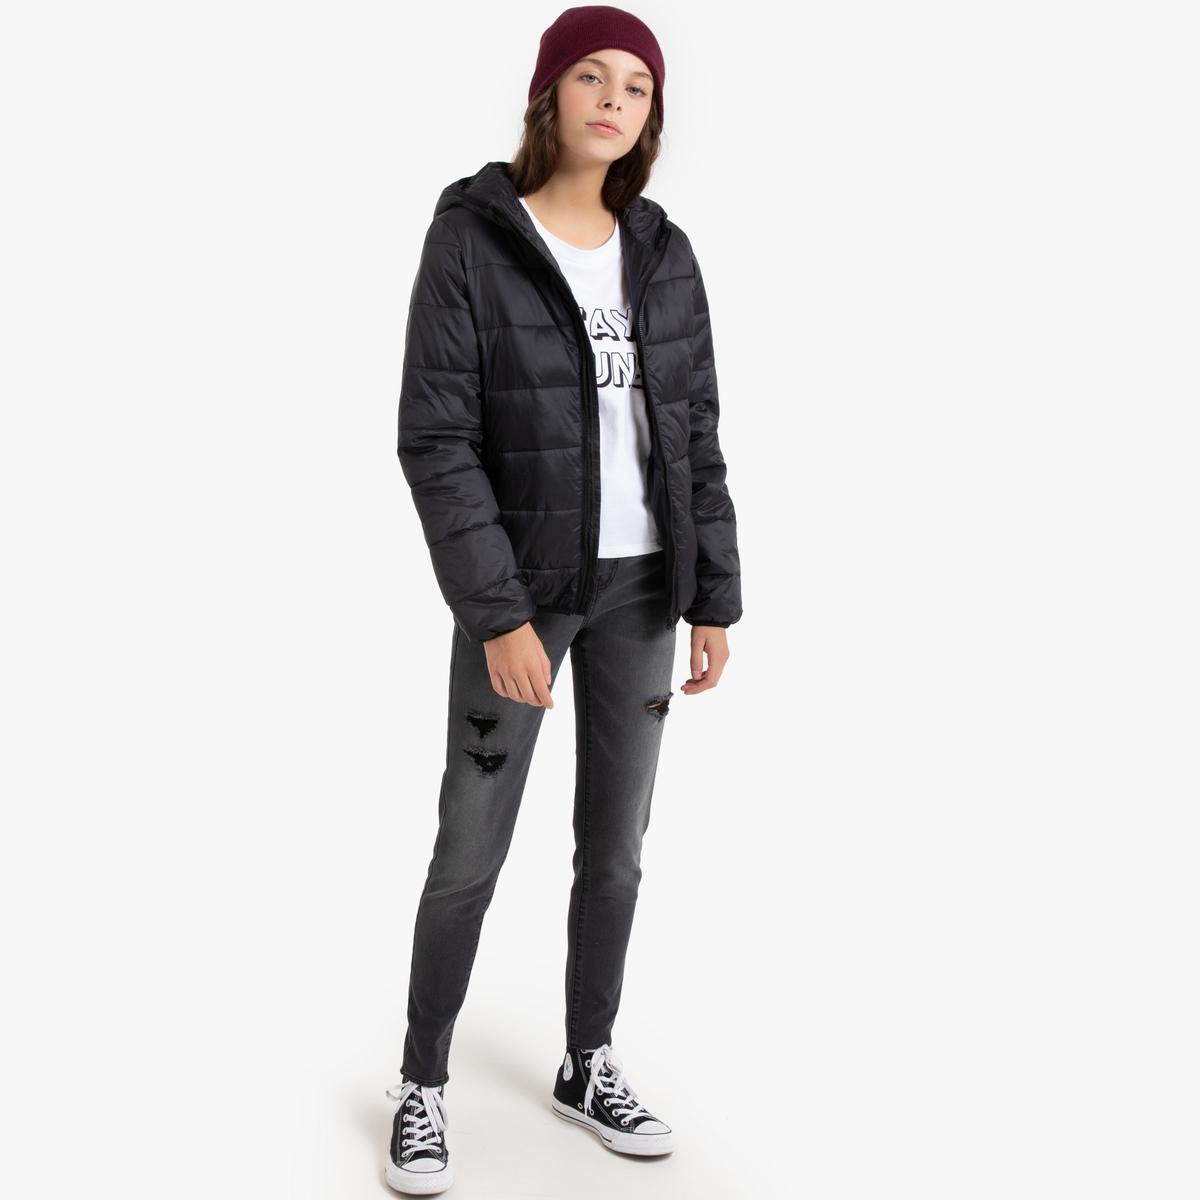 Куртка La Redoute С капюшоном 10-16 лет 10 лет - 138 см черный парка la redoute с капюшоном с искусственным мехом лет 10 лет 138 см черный